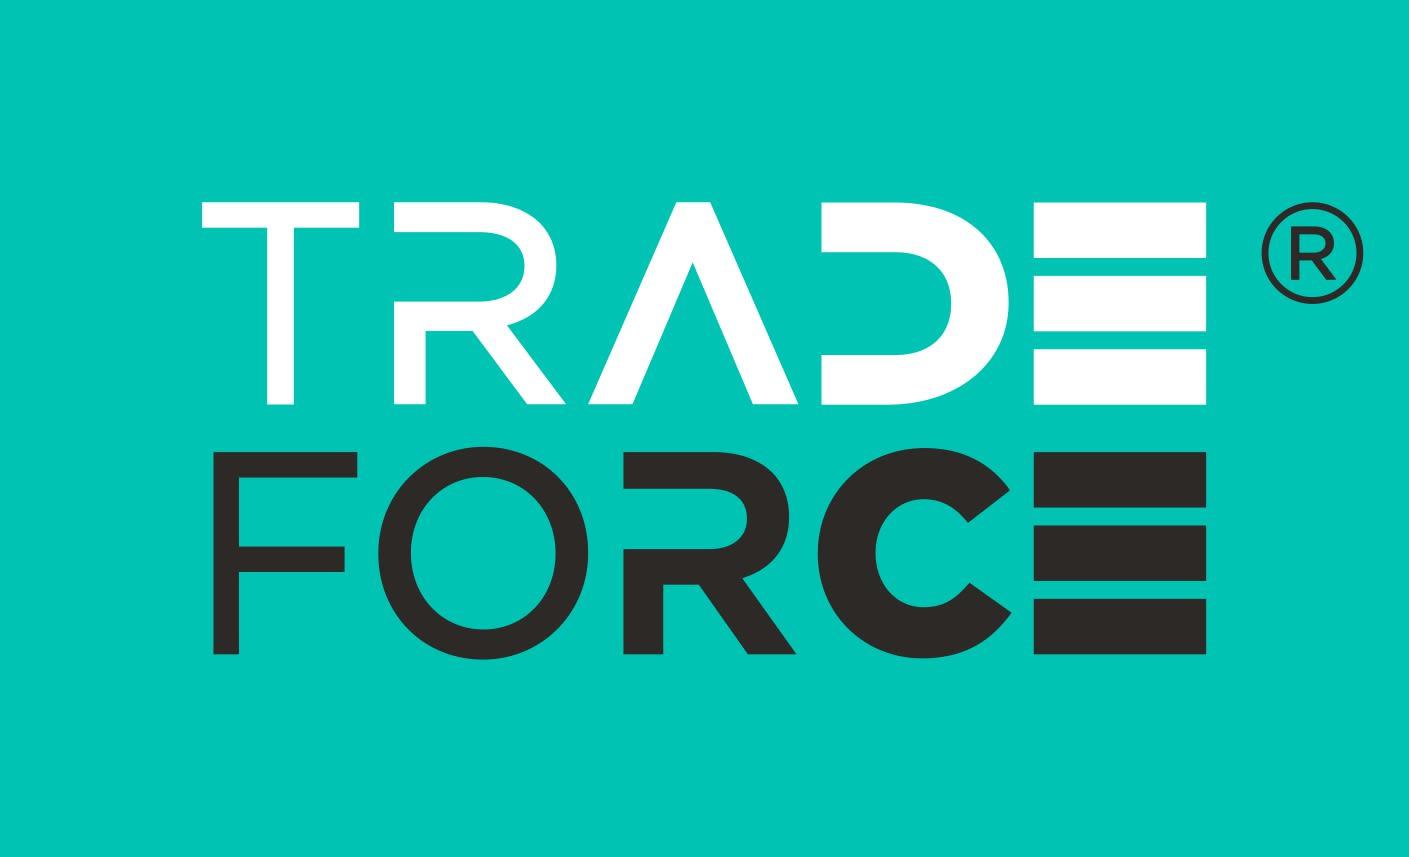 logo TRADEFORCE